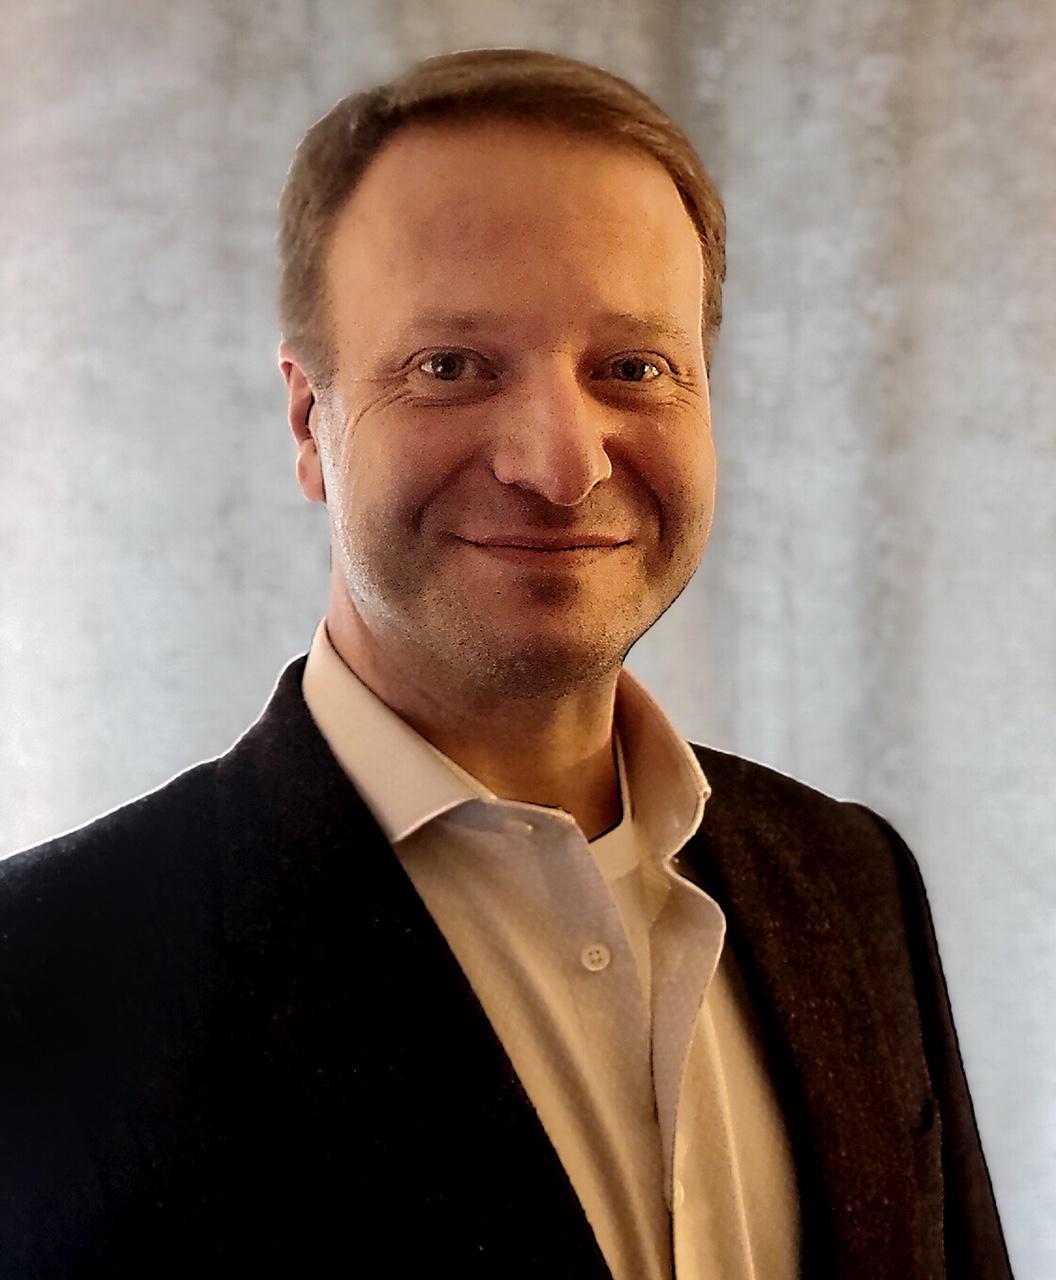 Ben Charneski